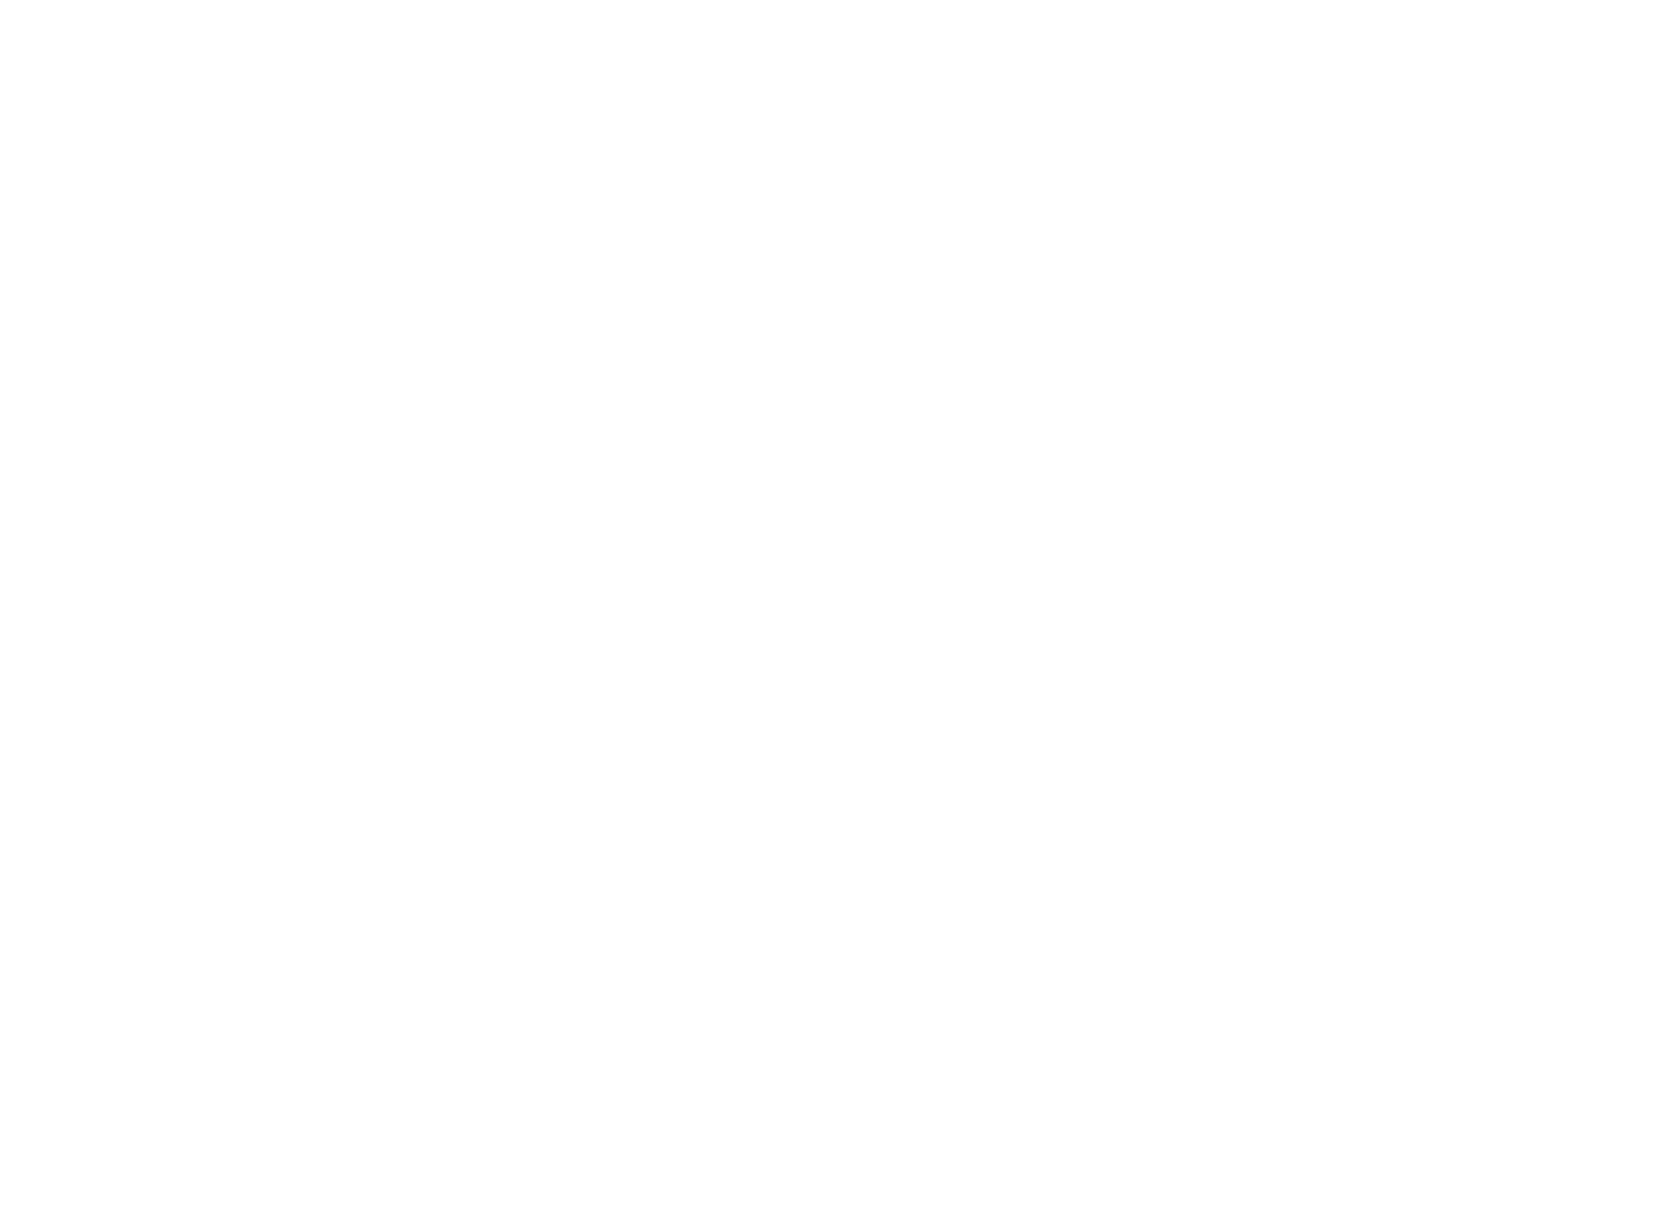 Переведёновский переулок 18, стр.2